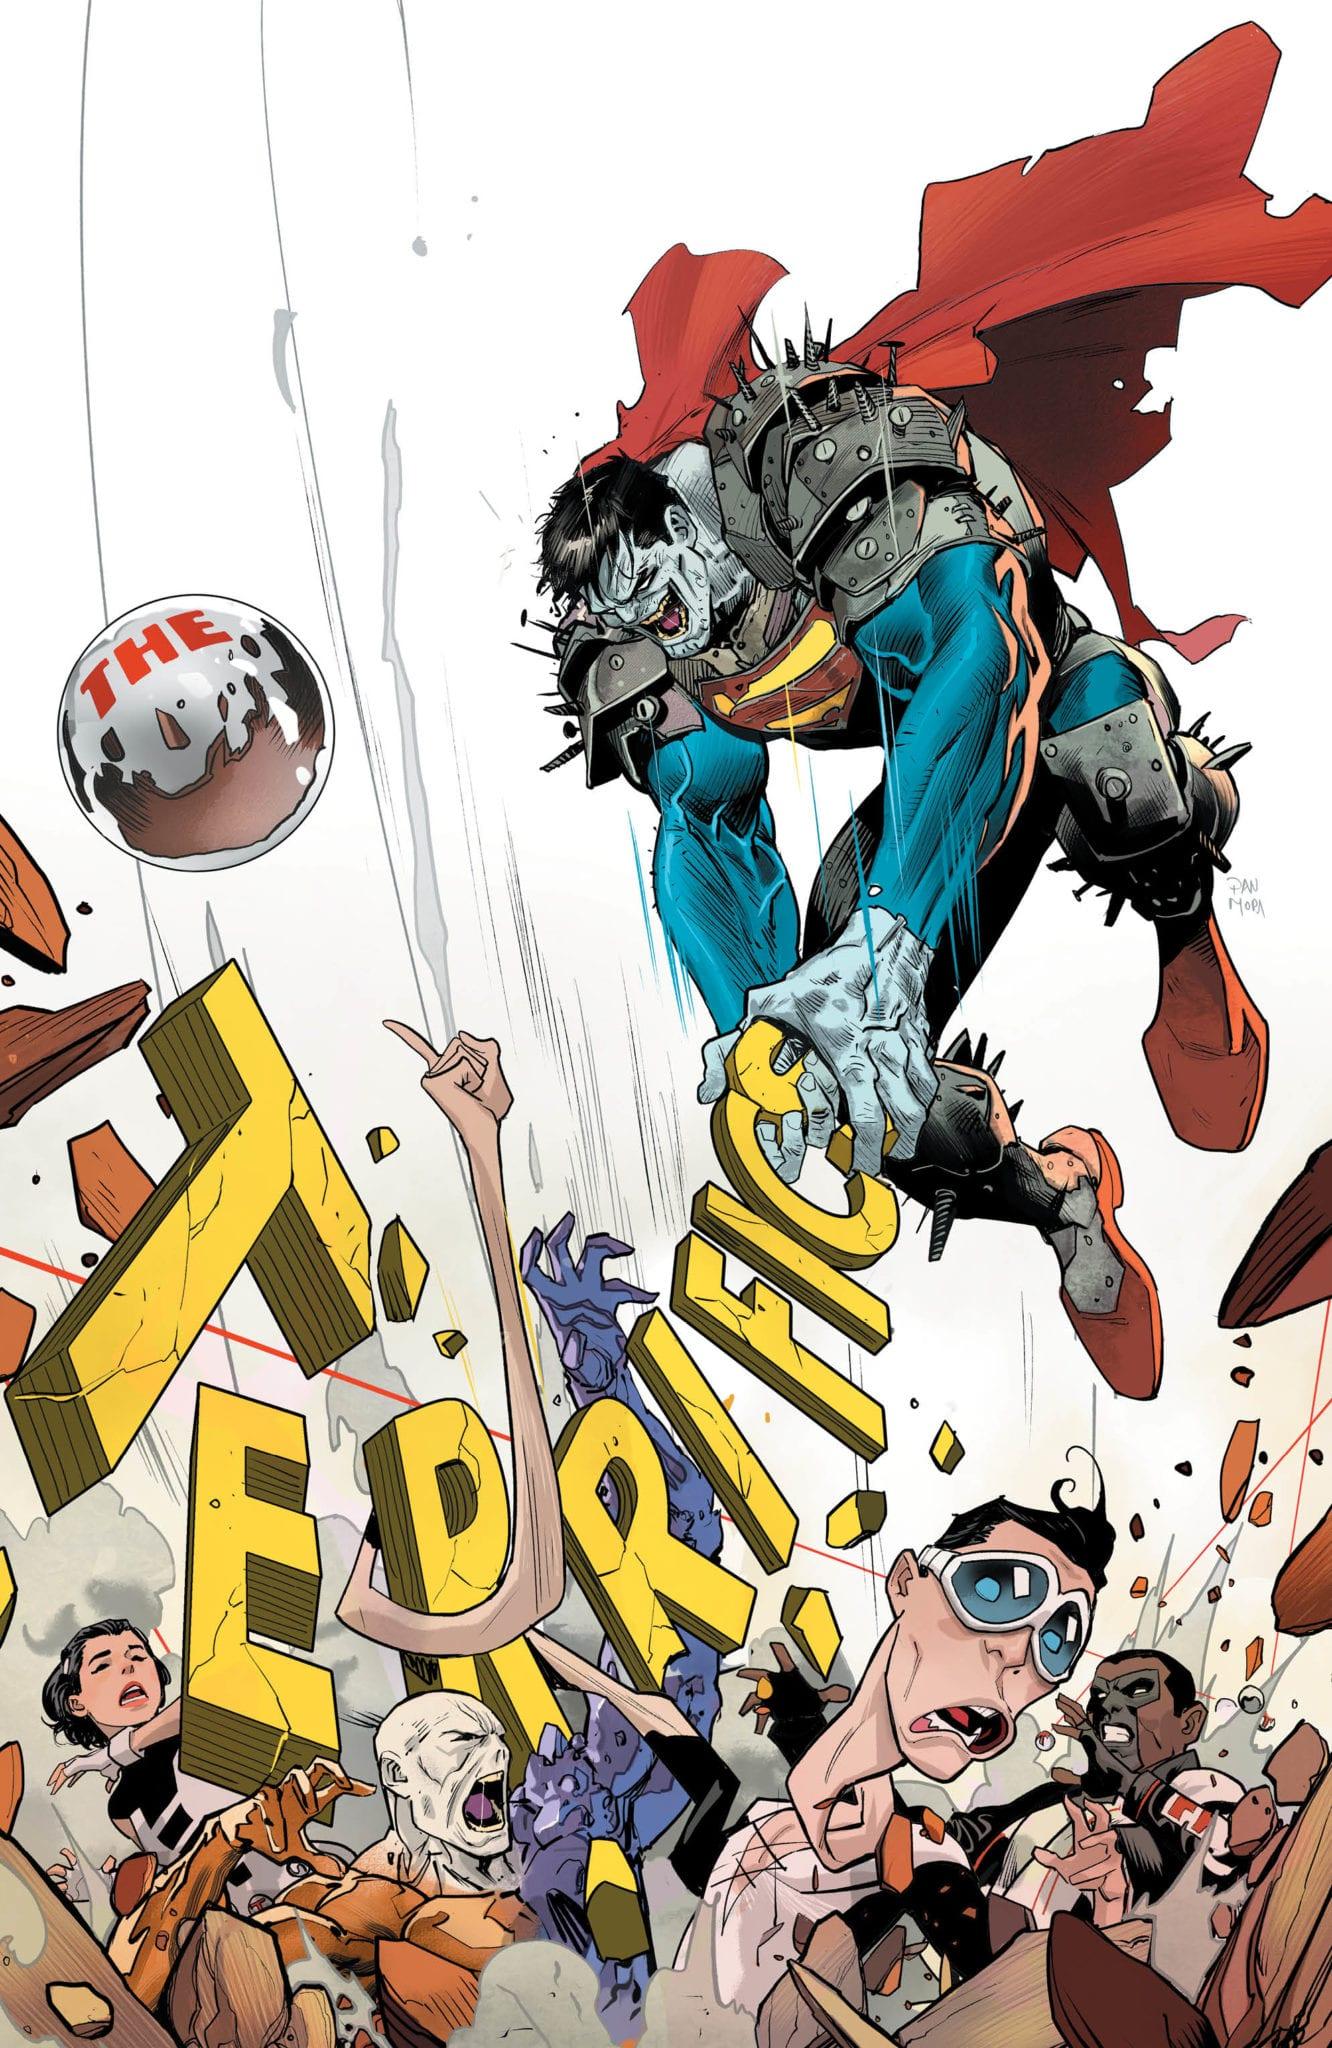 Exclusive DC Comics Preview: THE TERRIFICS #19